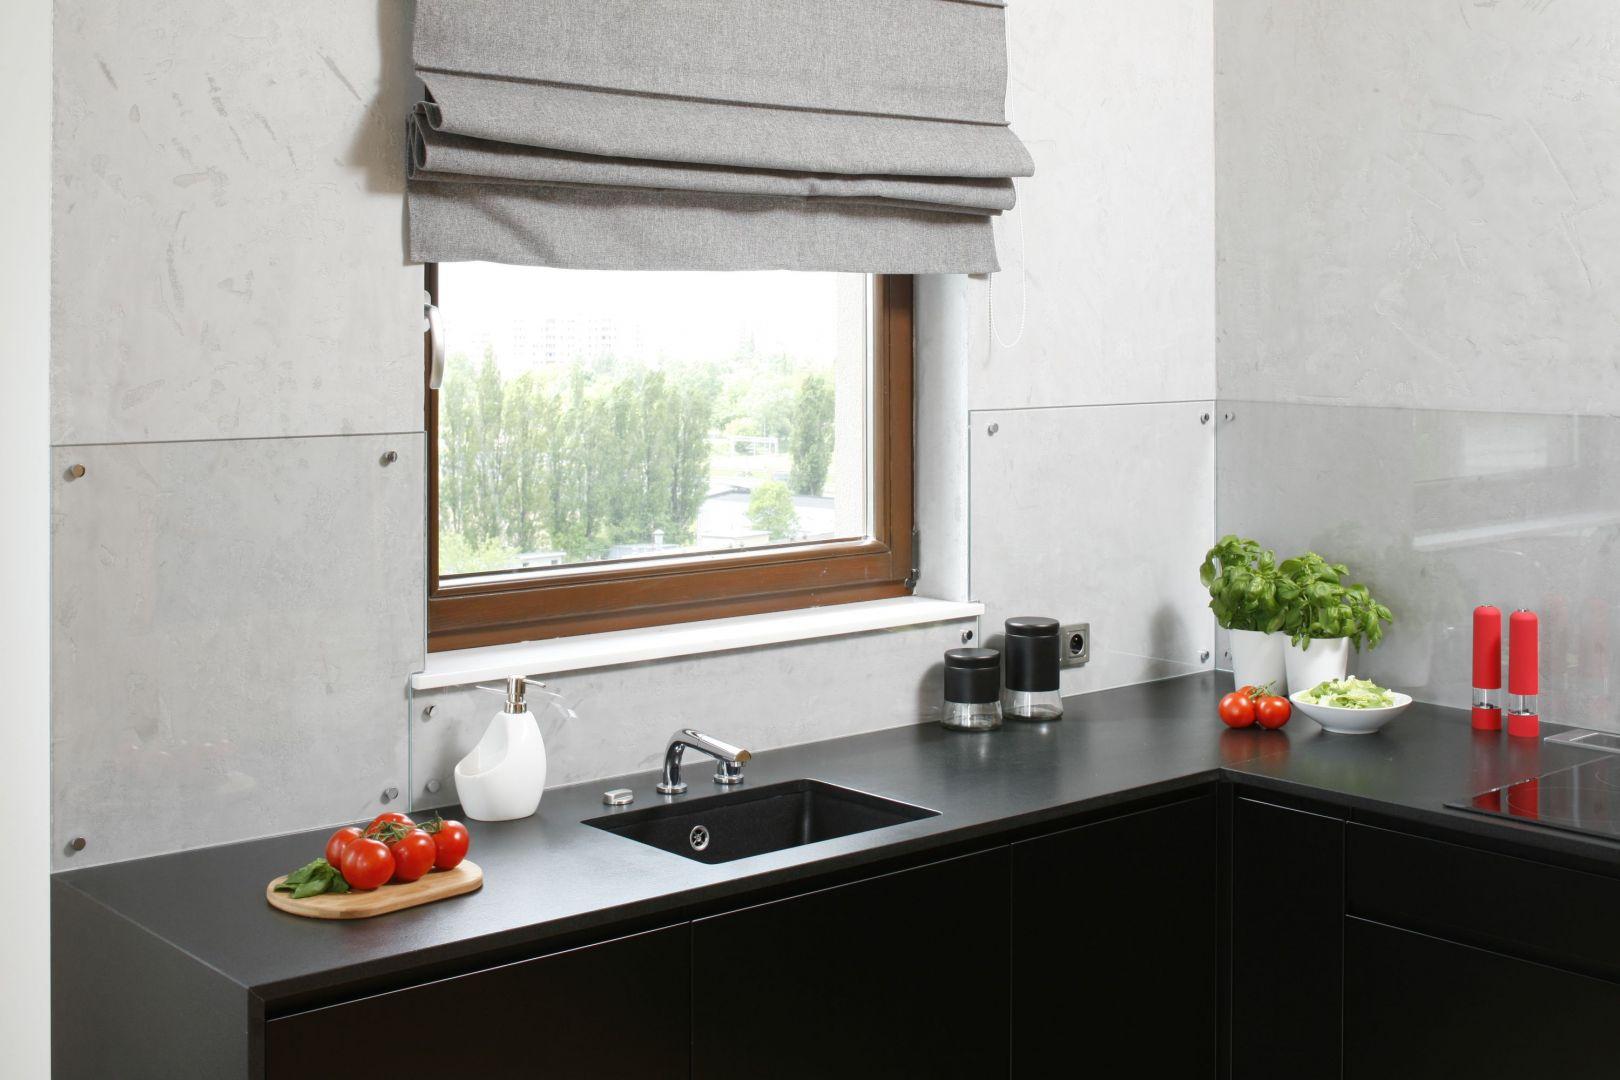 Szara barwa tynku doskonale imituje architektoniczny beton, nadając kuchni minimalistyczny wyraz.  Projekt: Małgorzata Łyszczarz. Fot. Bartosz Jarosz.